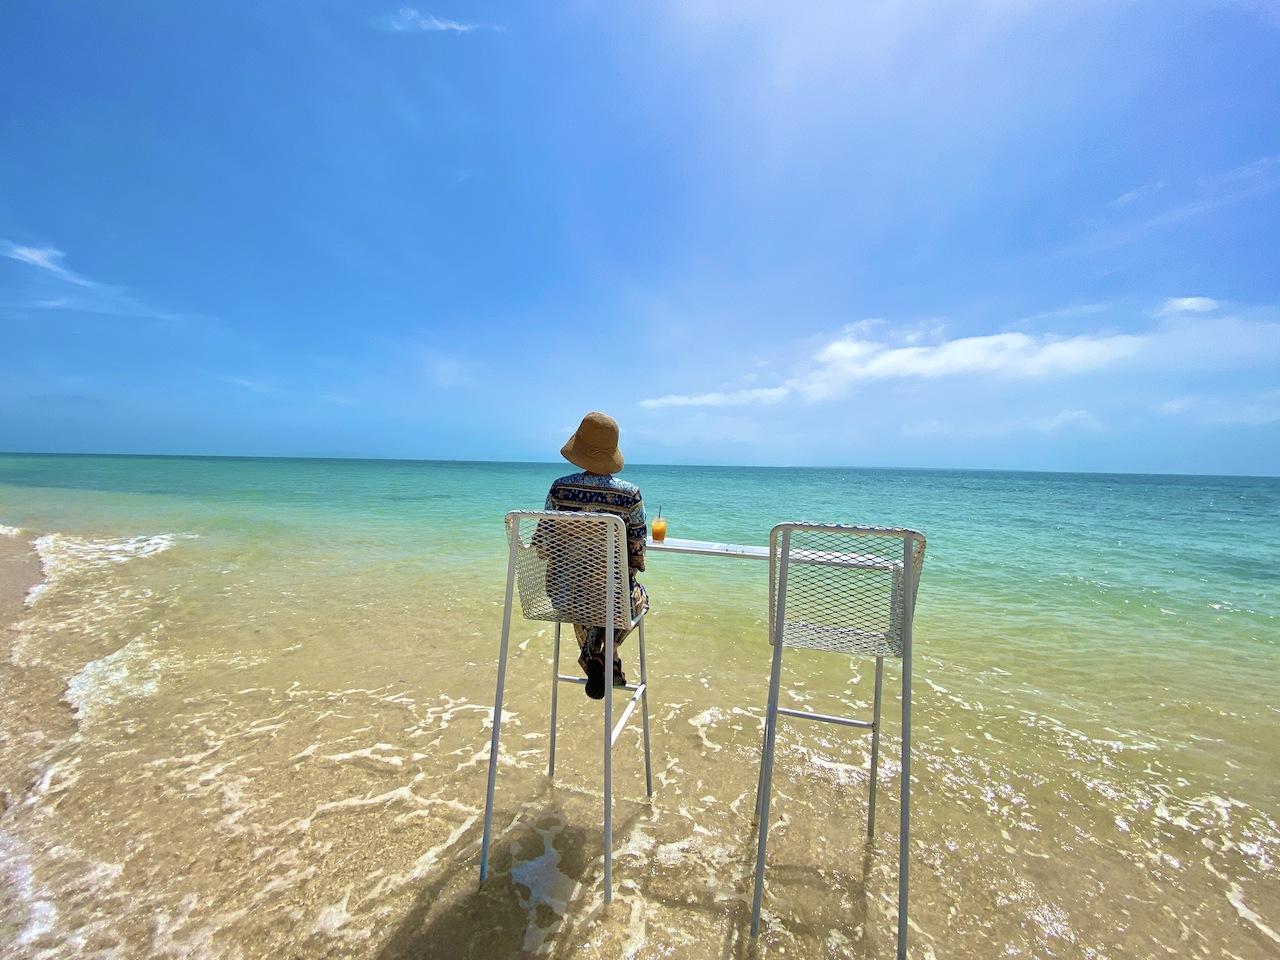 【リゾナーレ小浜島 宿泊ルポ 前編】全室スイートのヴィラリゾートで離島を味わいつくす最高の休日を 画像23